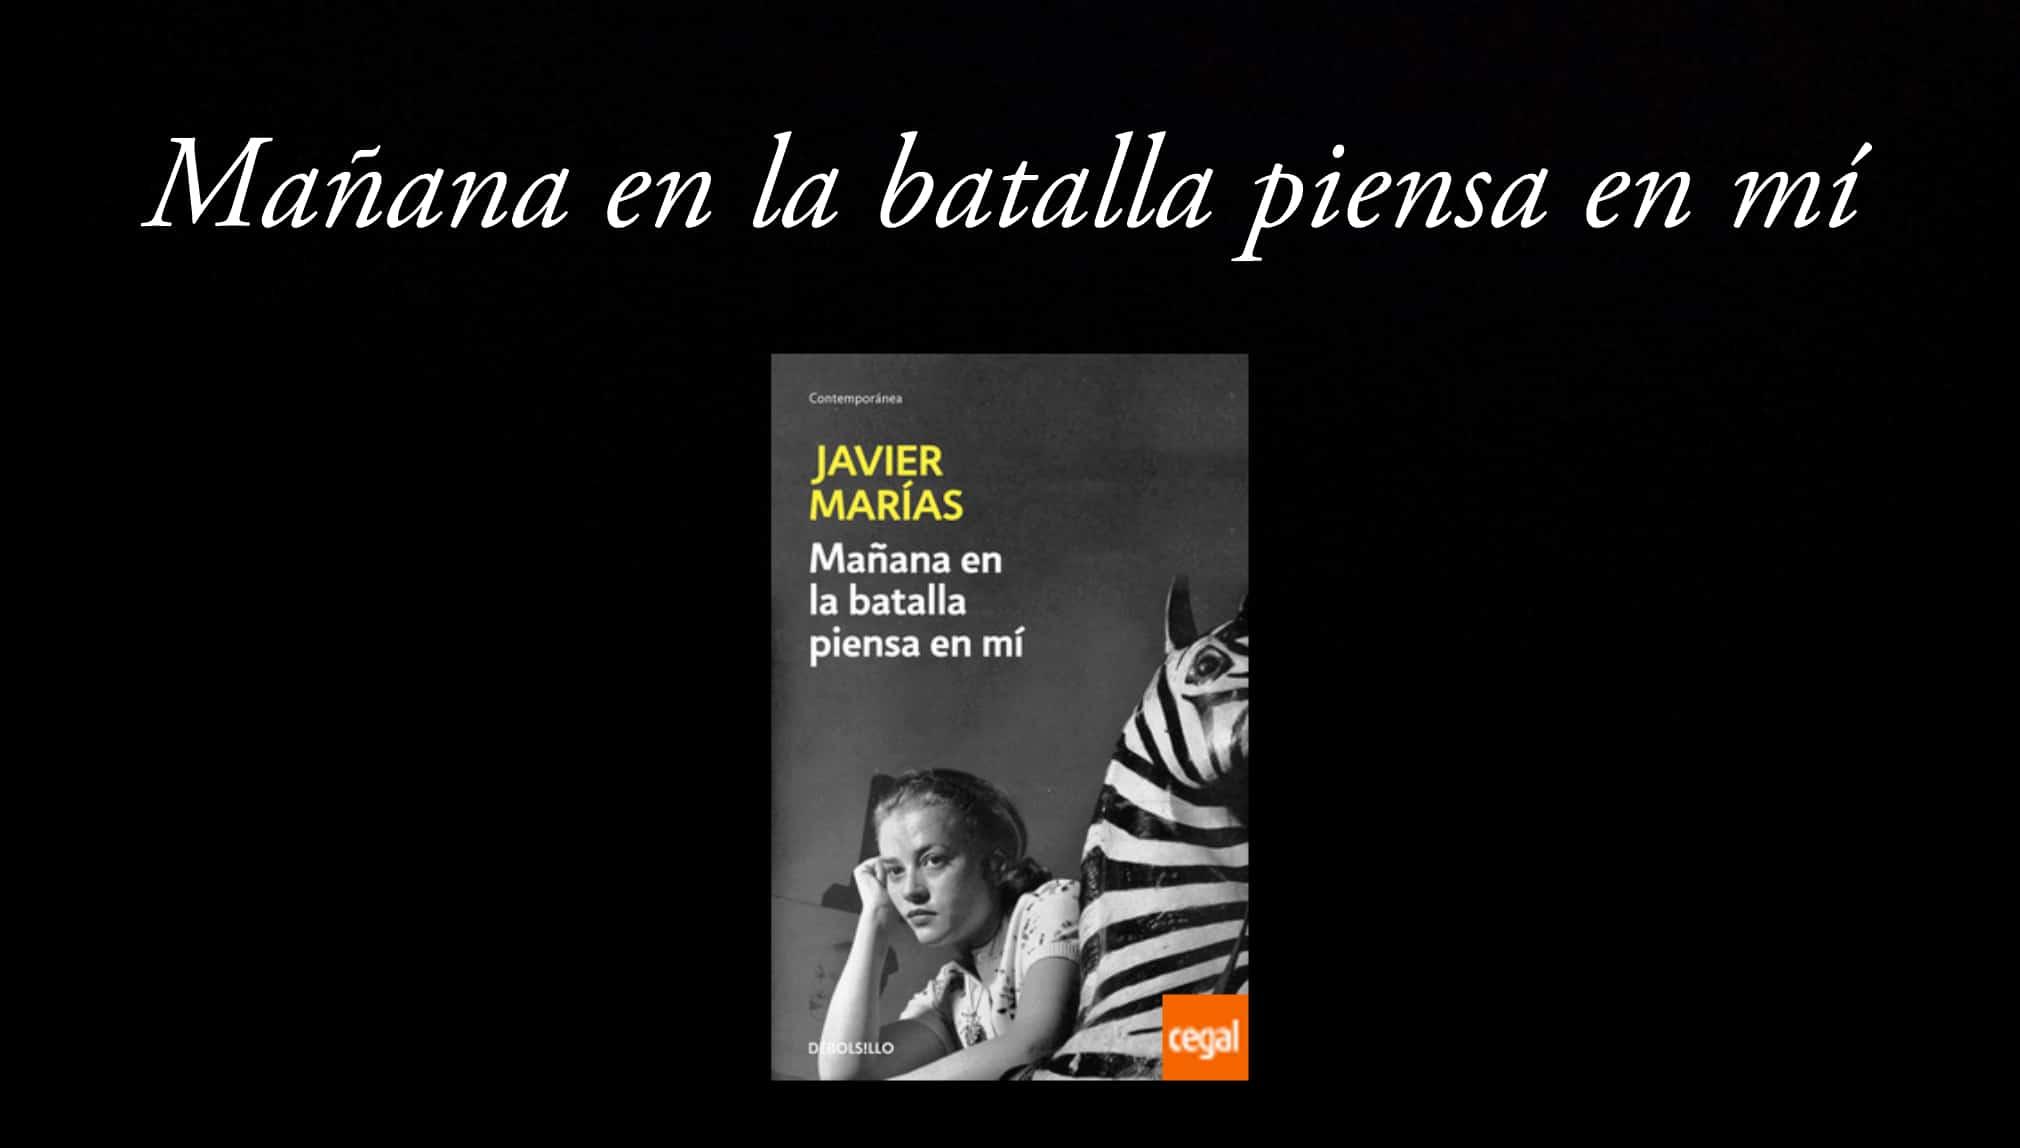 Mañana en la batalla piensa en mi de Javier Marías.